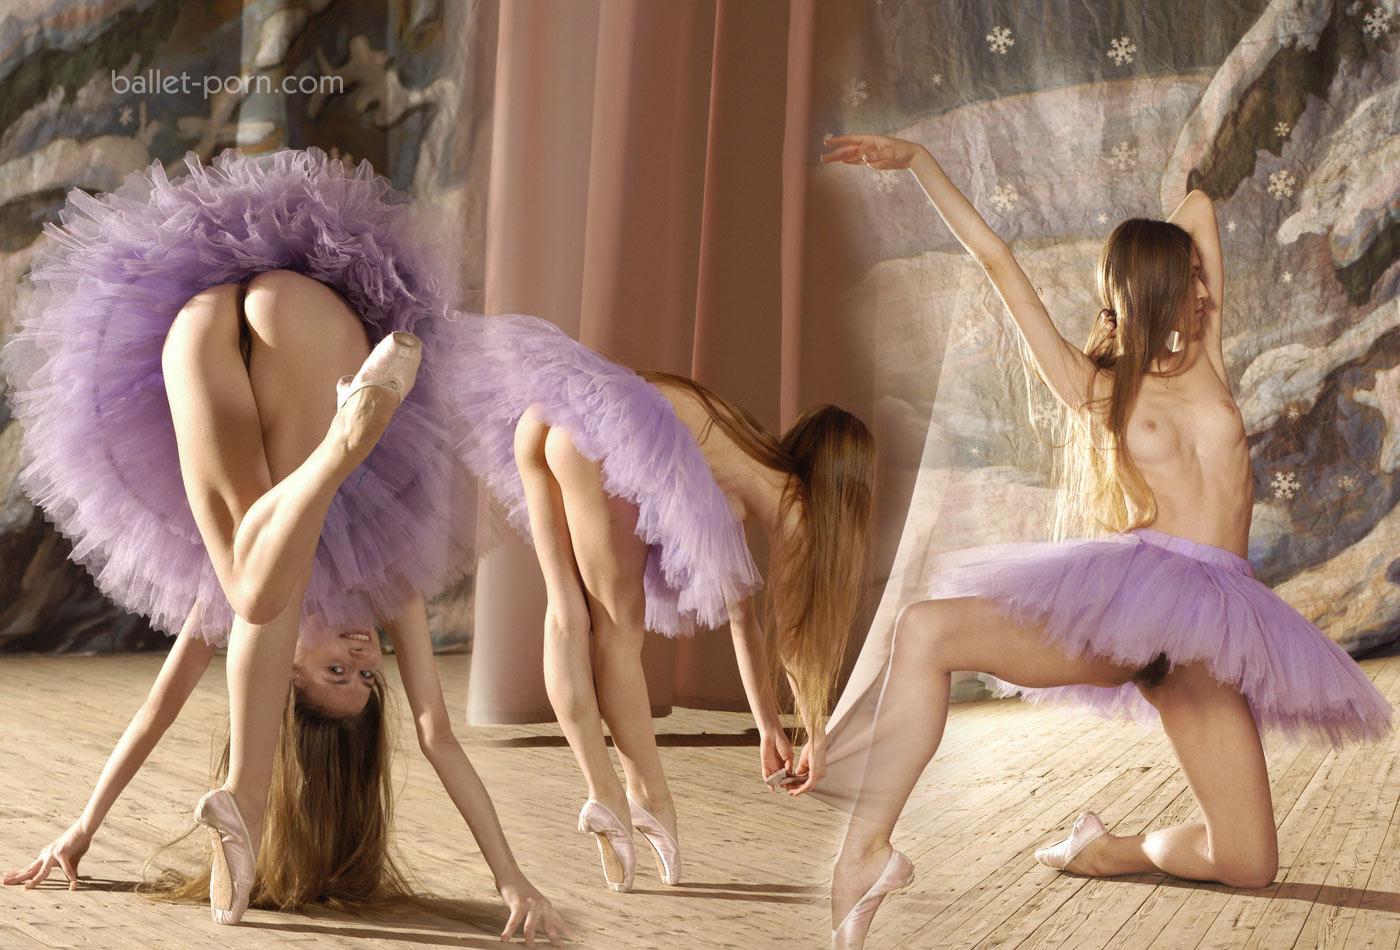 Ballett Sex 23